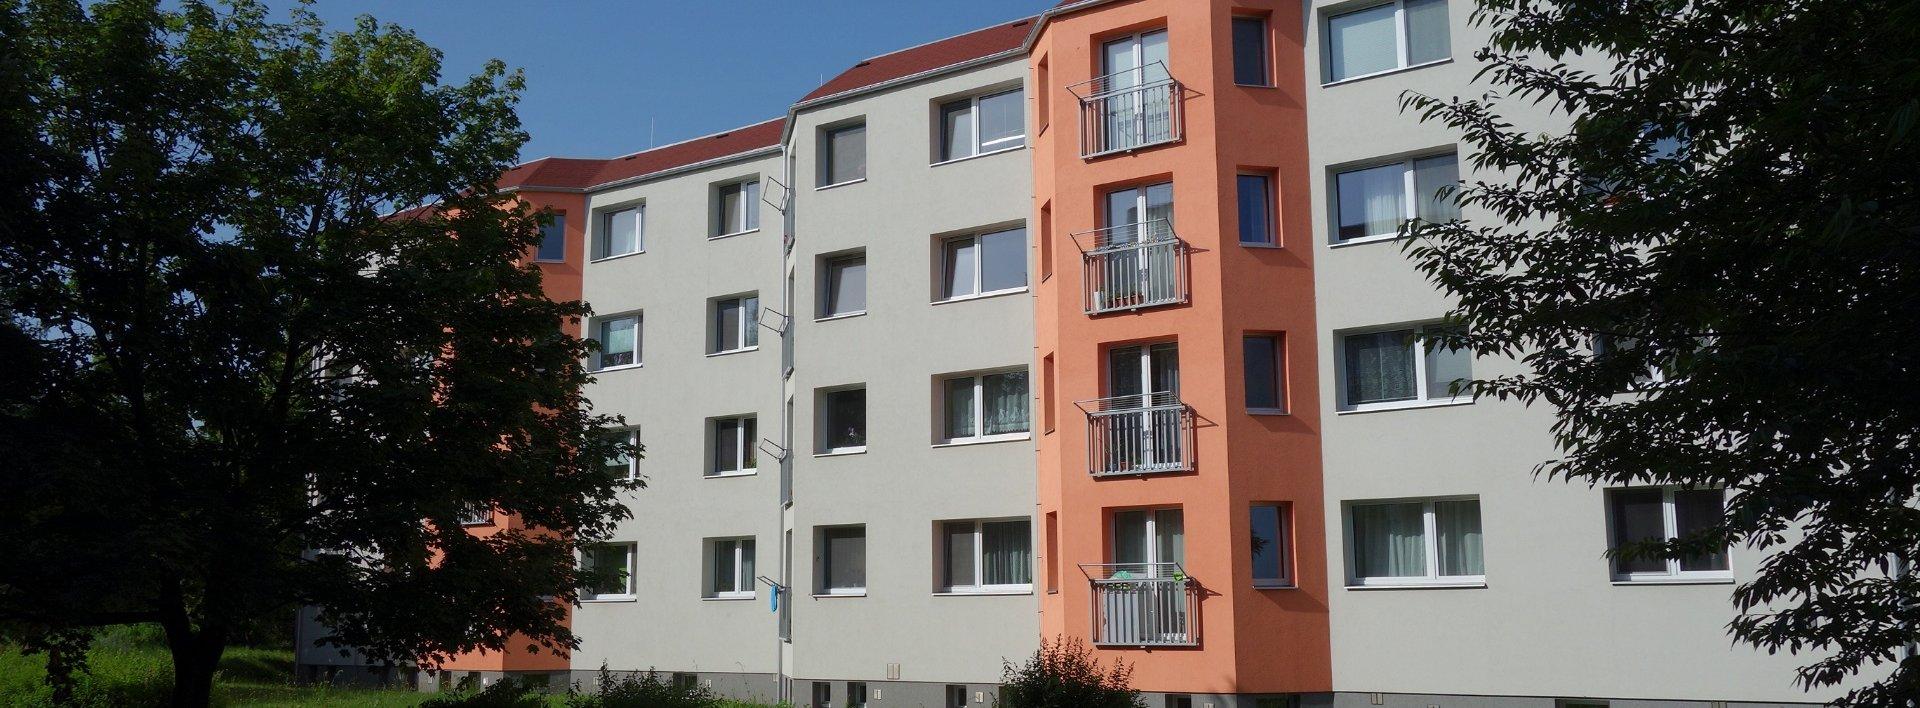 Velký byt 4+1 s výhledem do zeleně, 131 m² - Lázně Bohdaneč (konec slepé ulice), Ev.č.: N48788